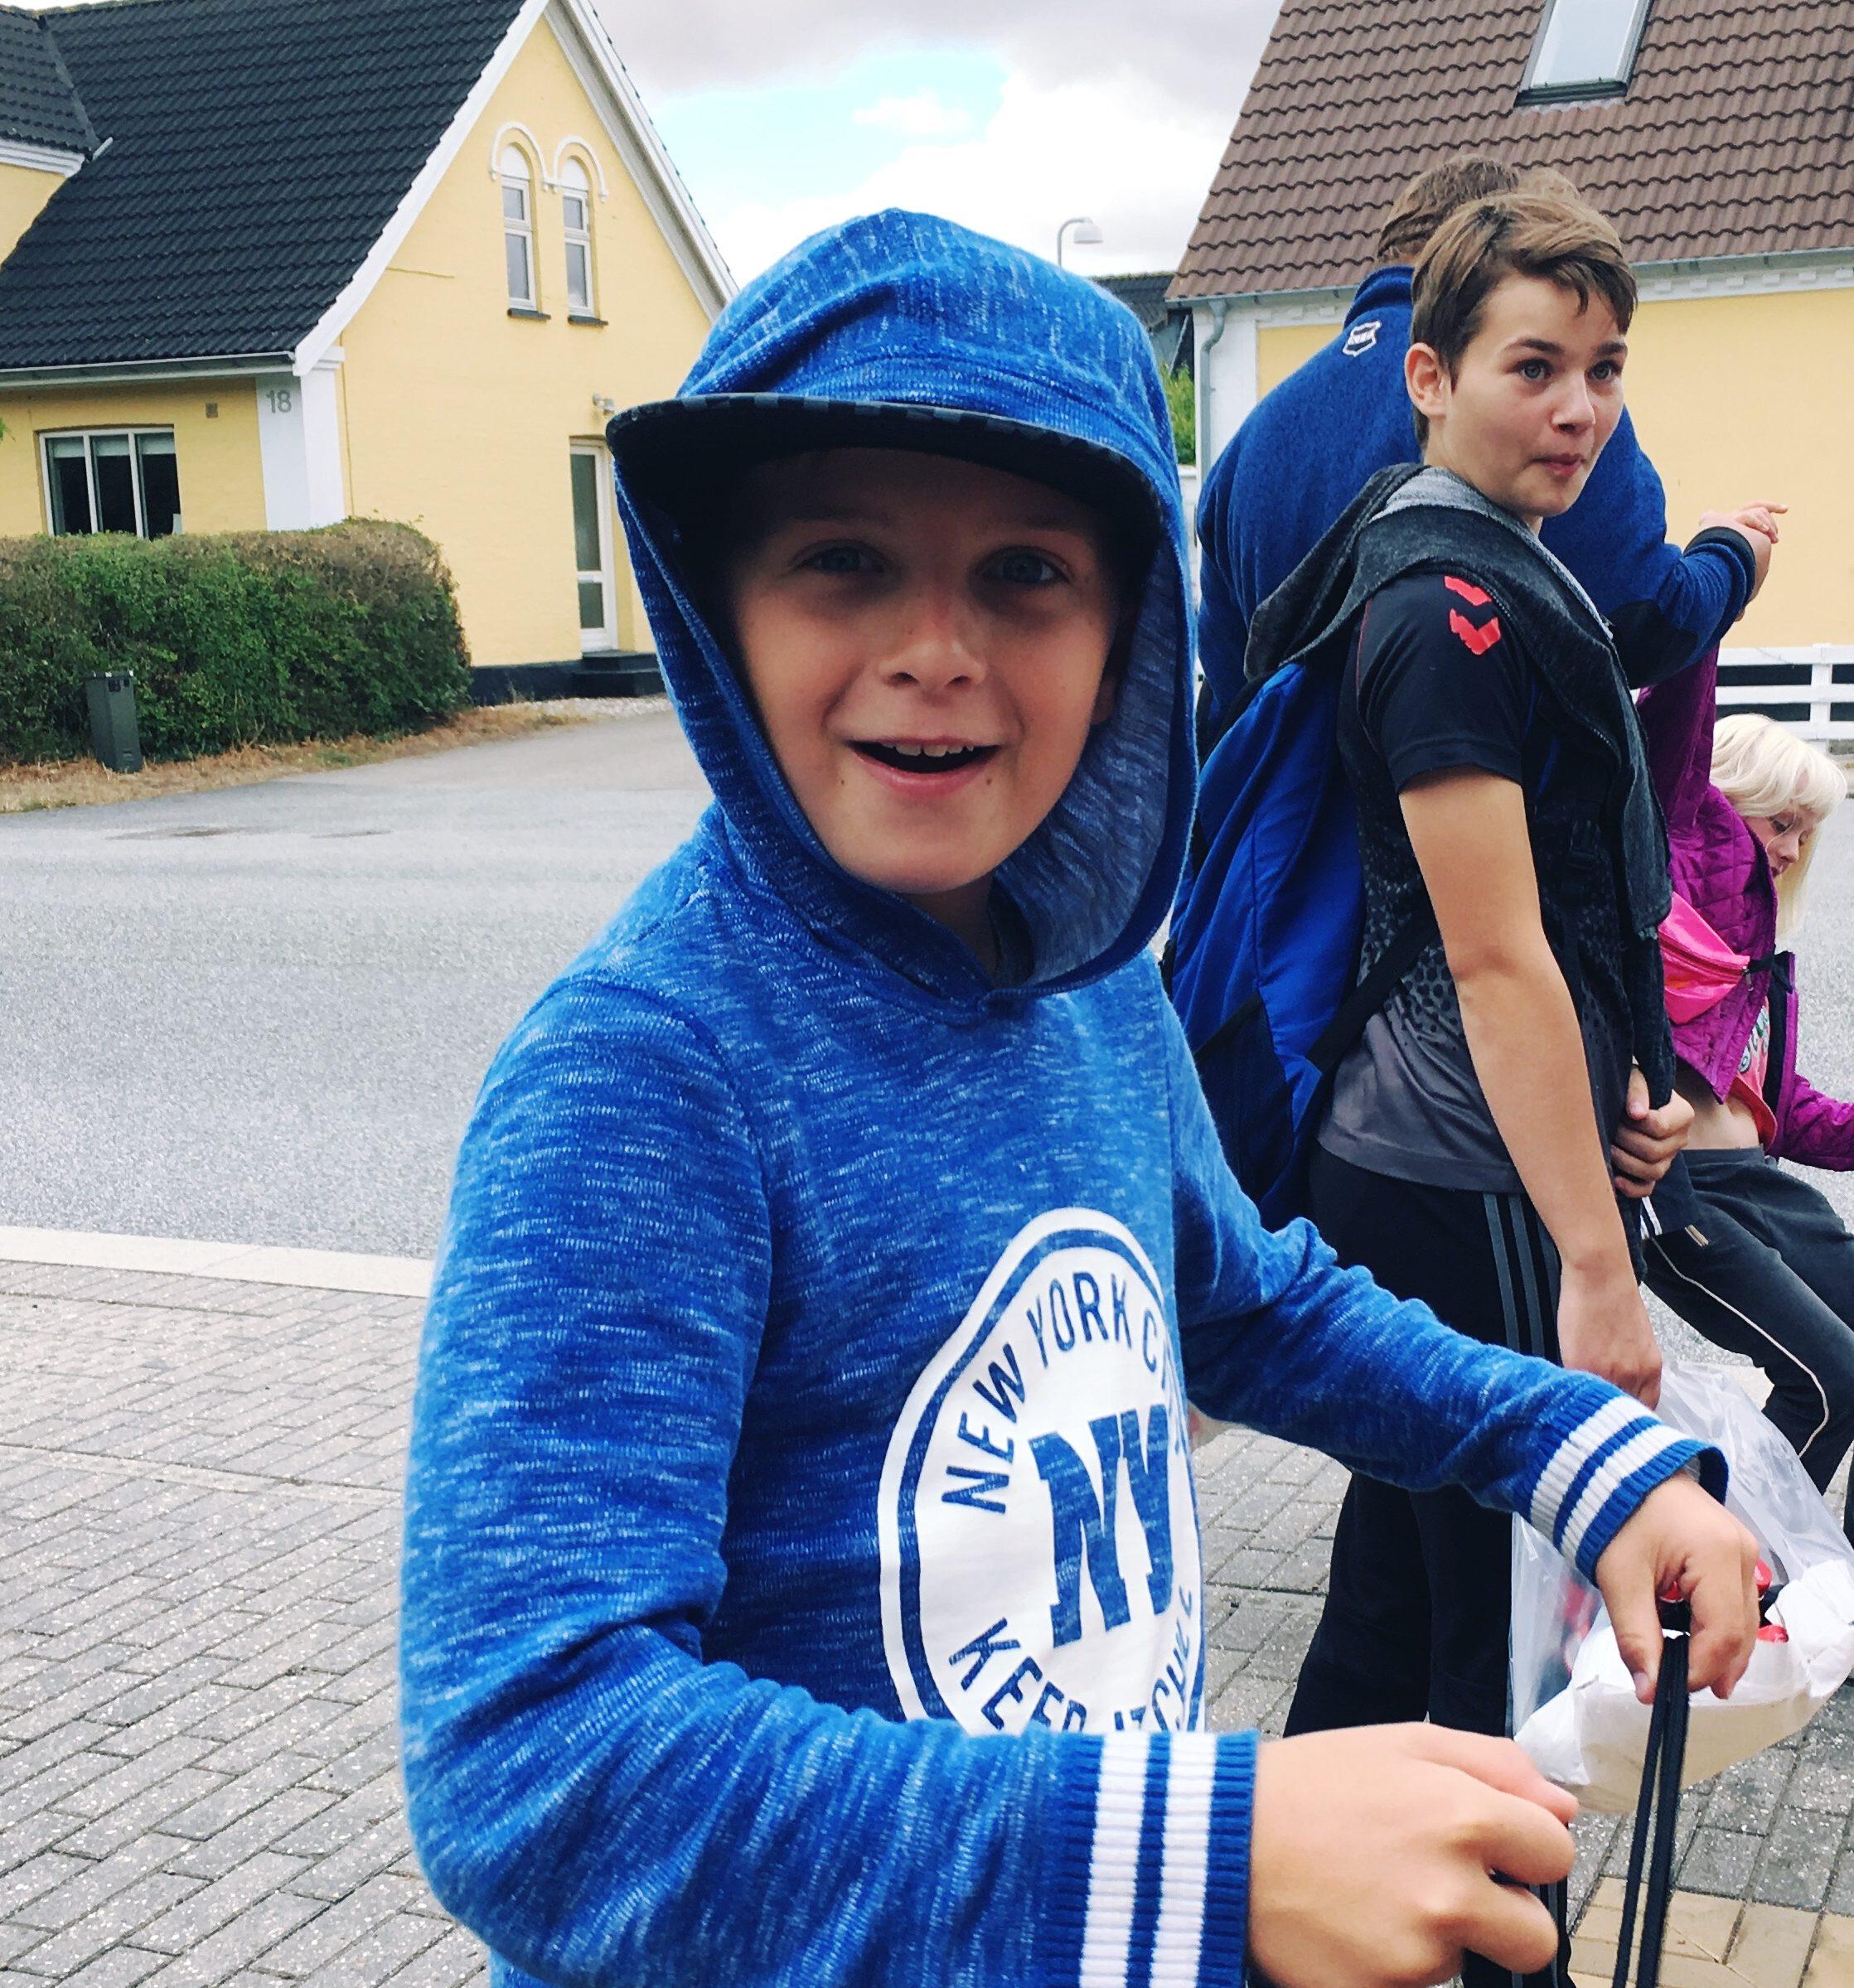 Dreng i blå hættetrøje, ved vej og hus